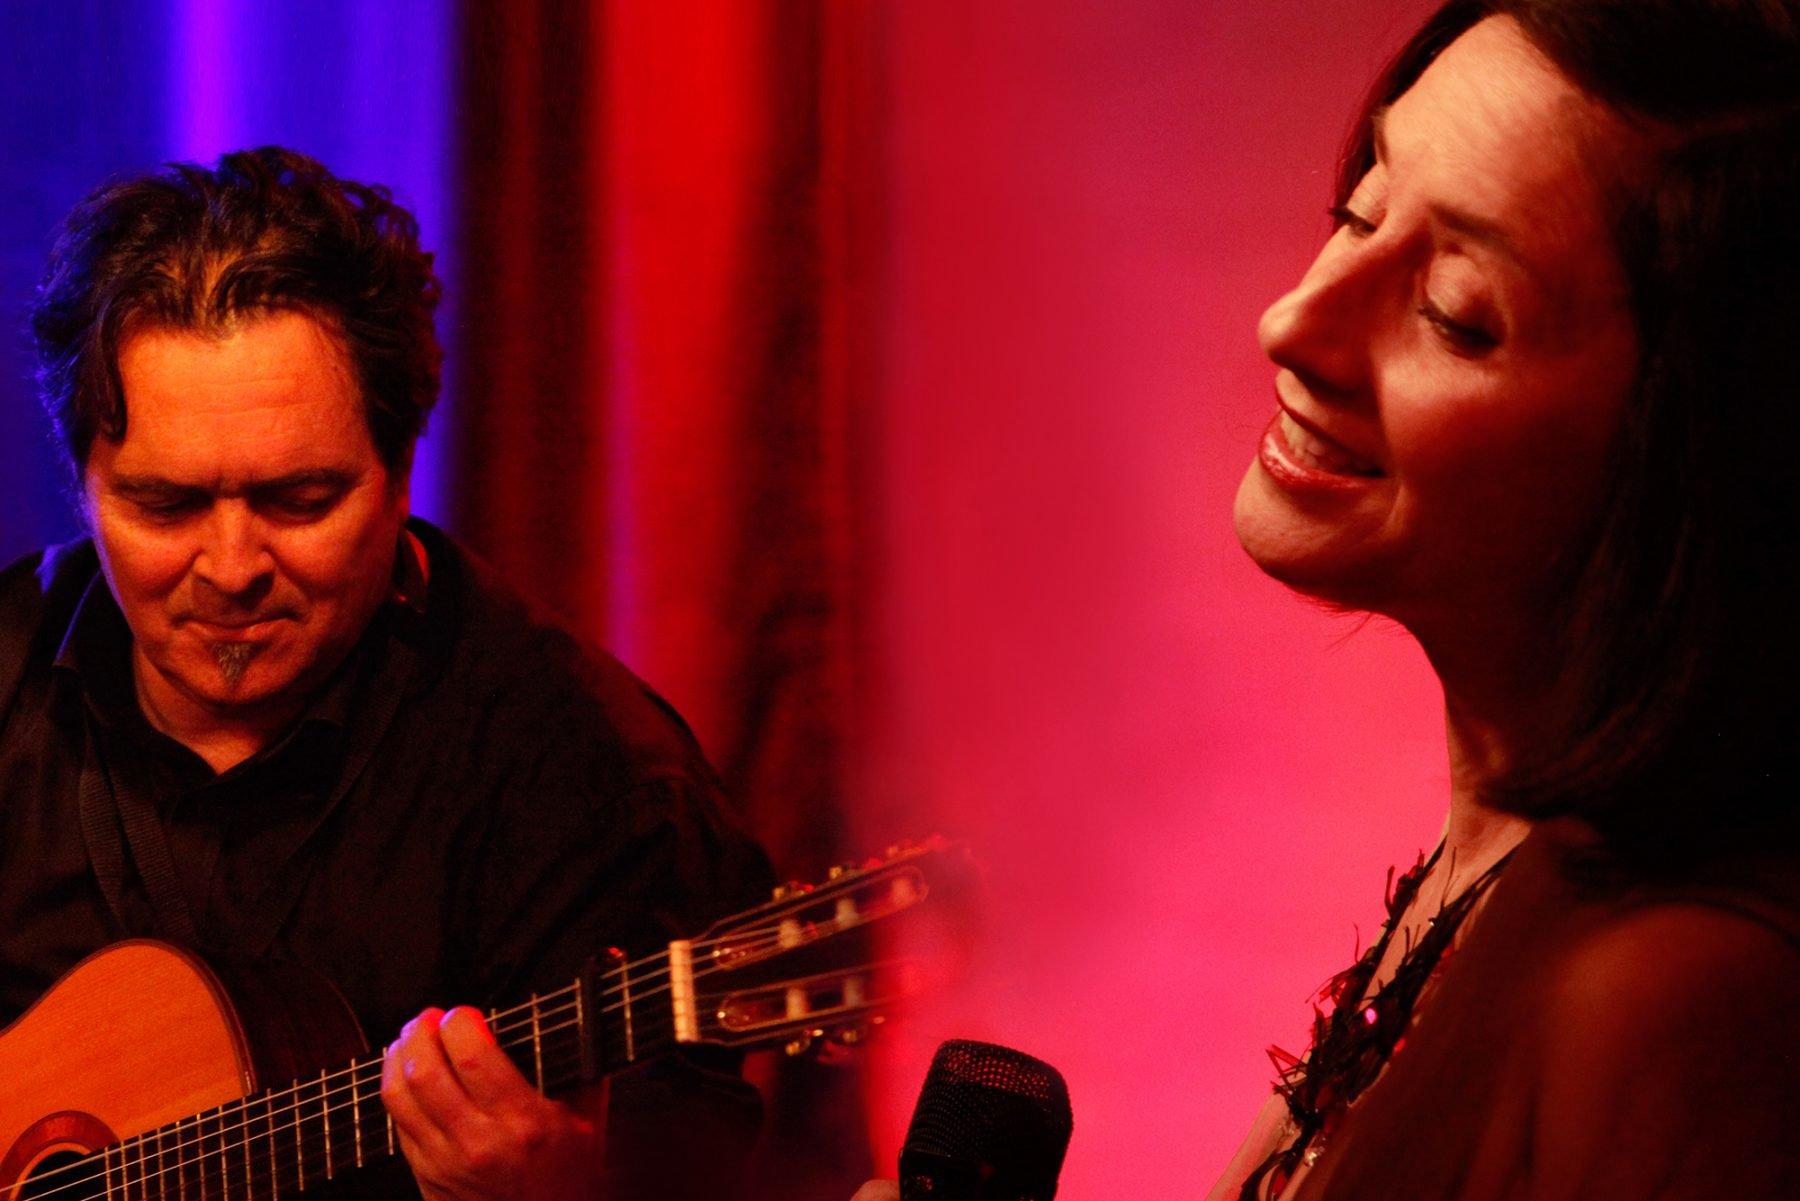 Zwei Musiker, links ein Gitarrist und rechts eine Sängerin.